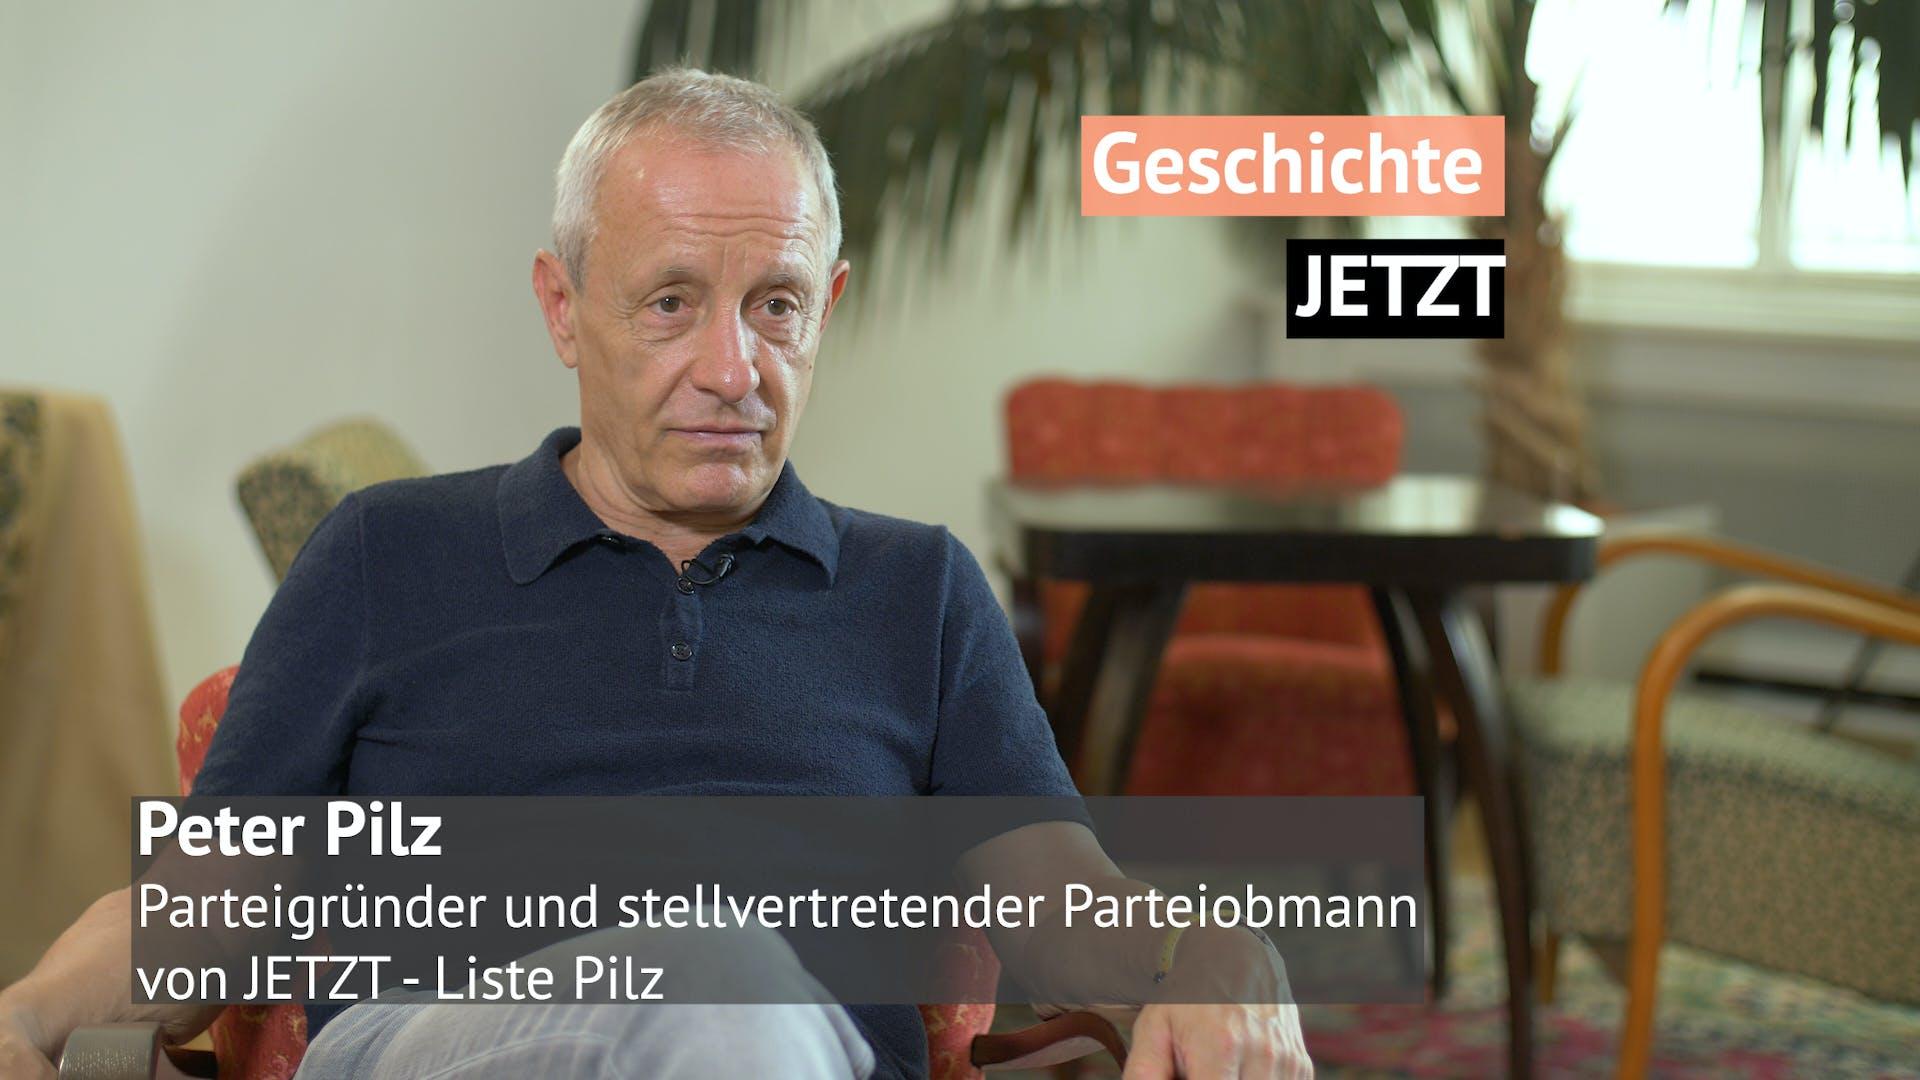 Geschichte JETZT Interview mit Peter Pilz